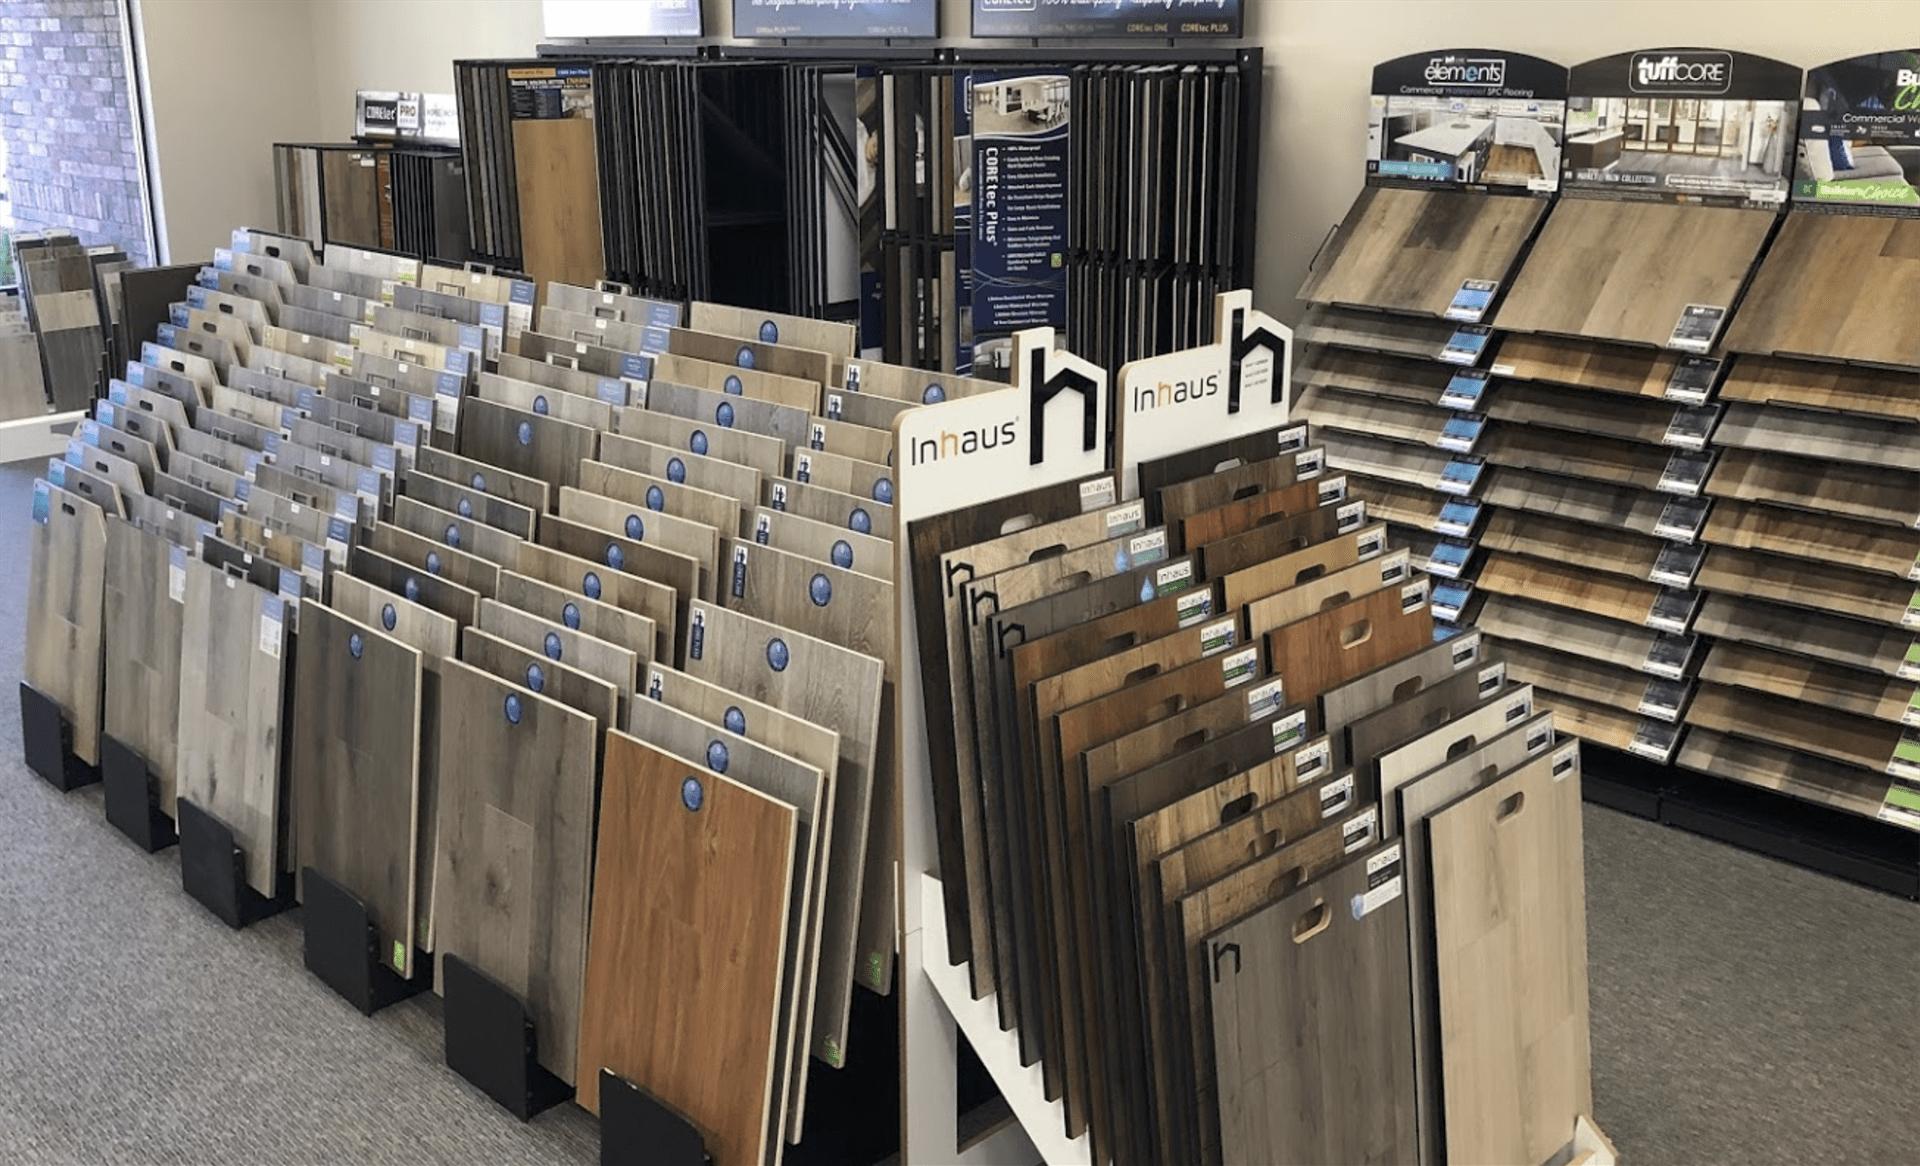 Inhaus flooring at Floor Source in Scottsdale, AZ